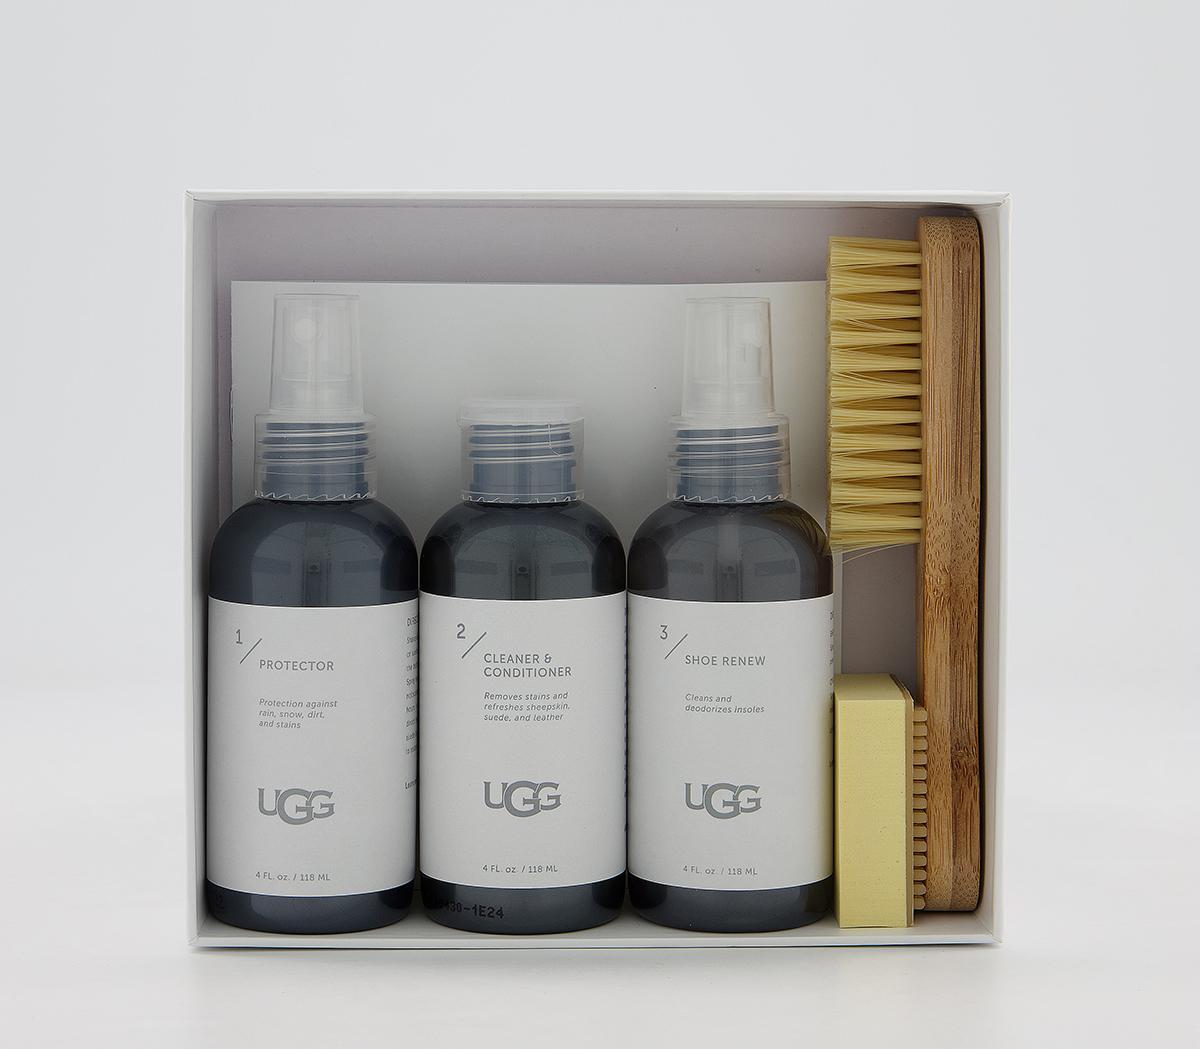 Ugg Women's Care Kit